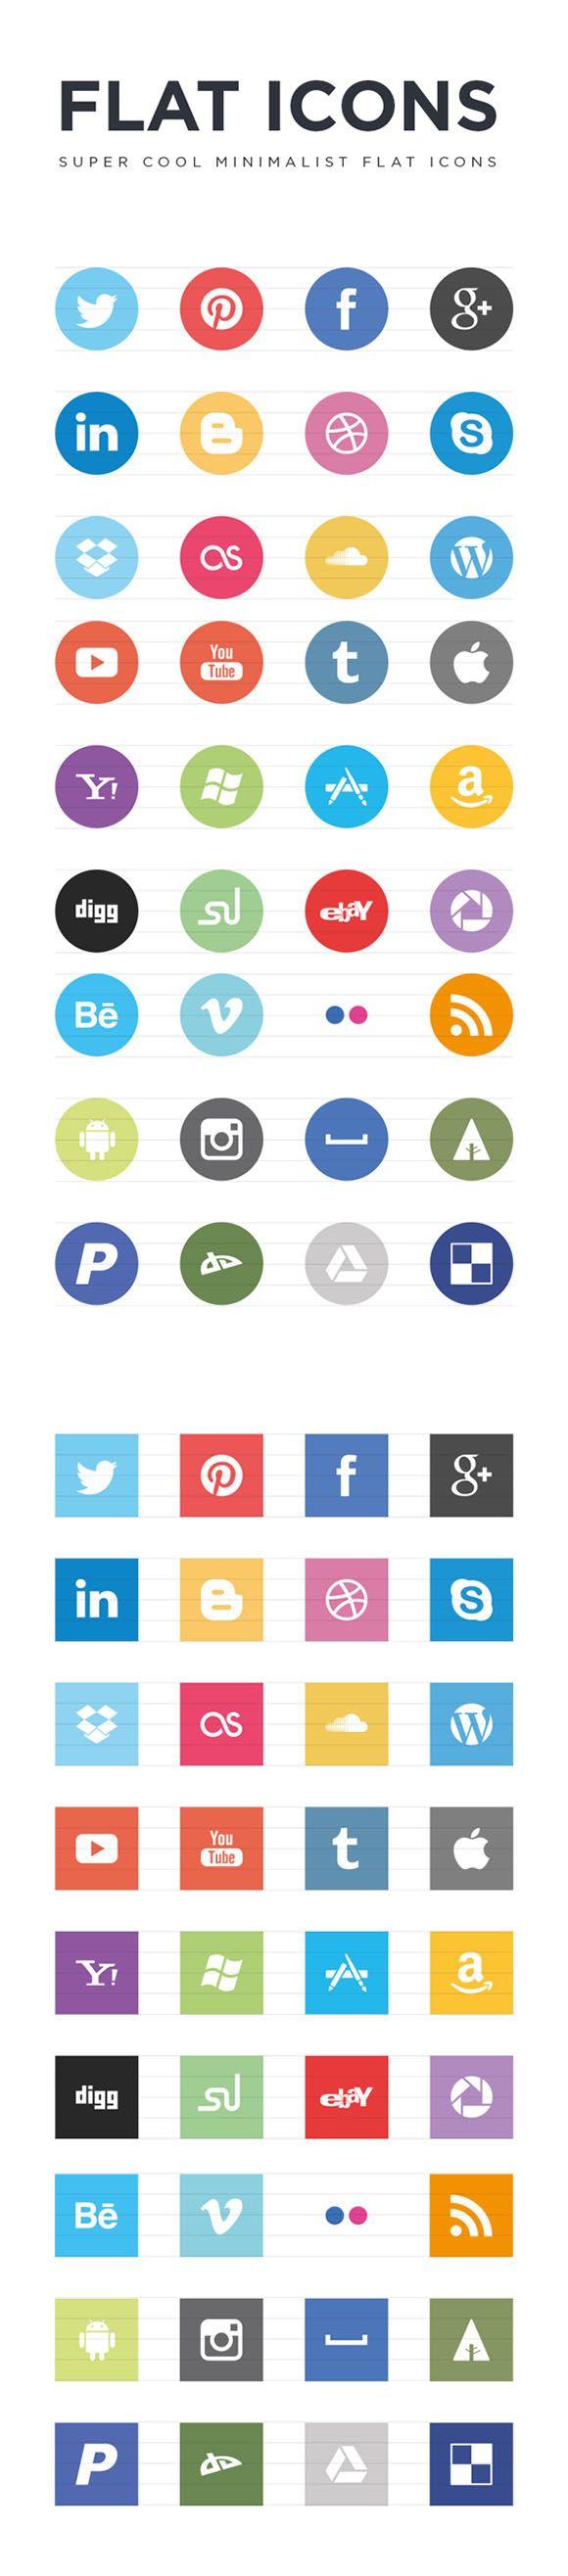 72 Icônes «Flat Design» au format .eps | http://blog.shanegraphique.com/72-flat-icons-au-format-eps/